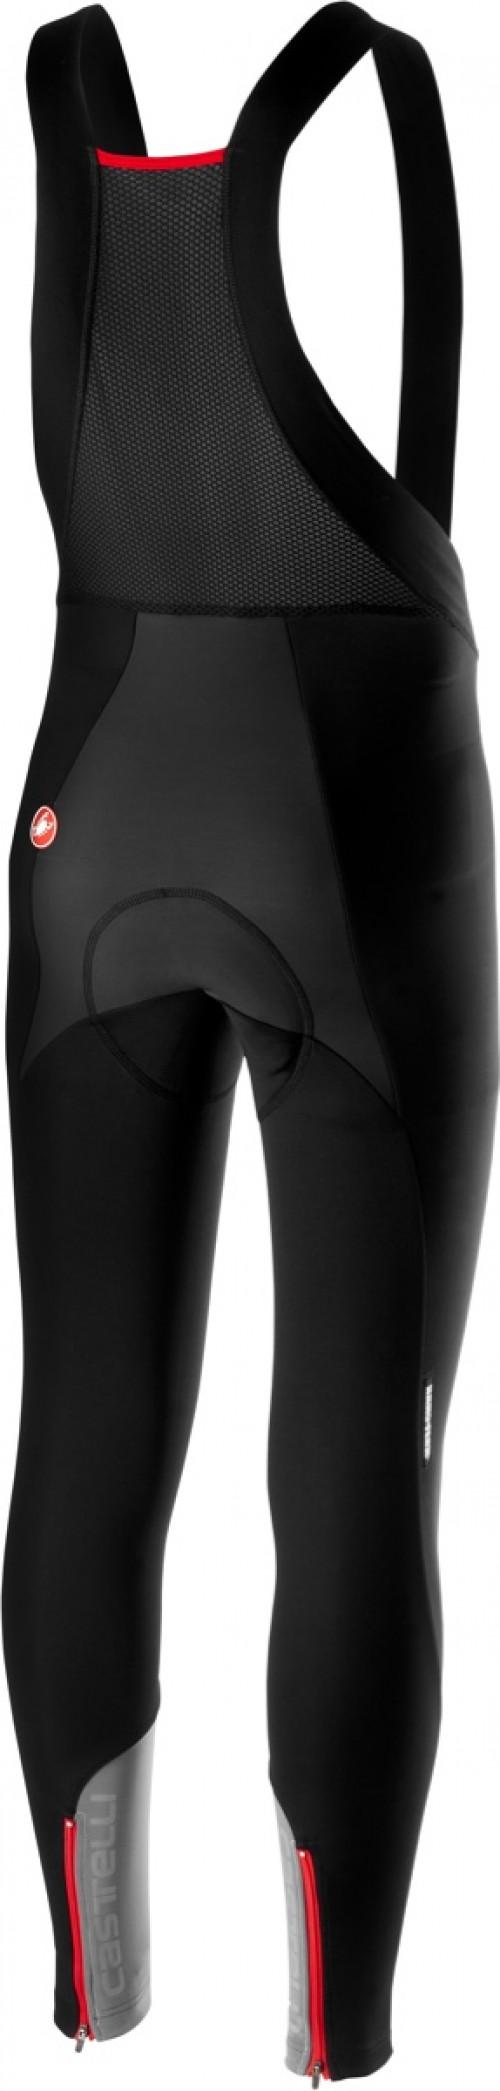 Castelli Nano Flex Pro 2 Bibtight Black